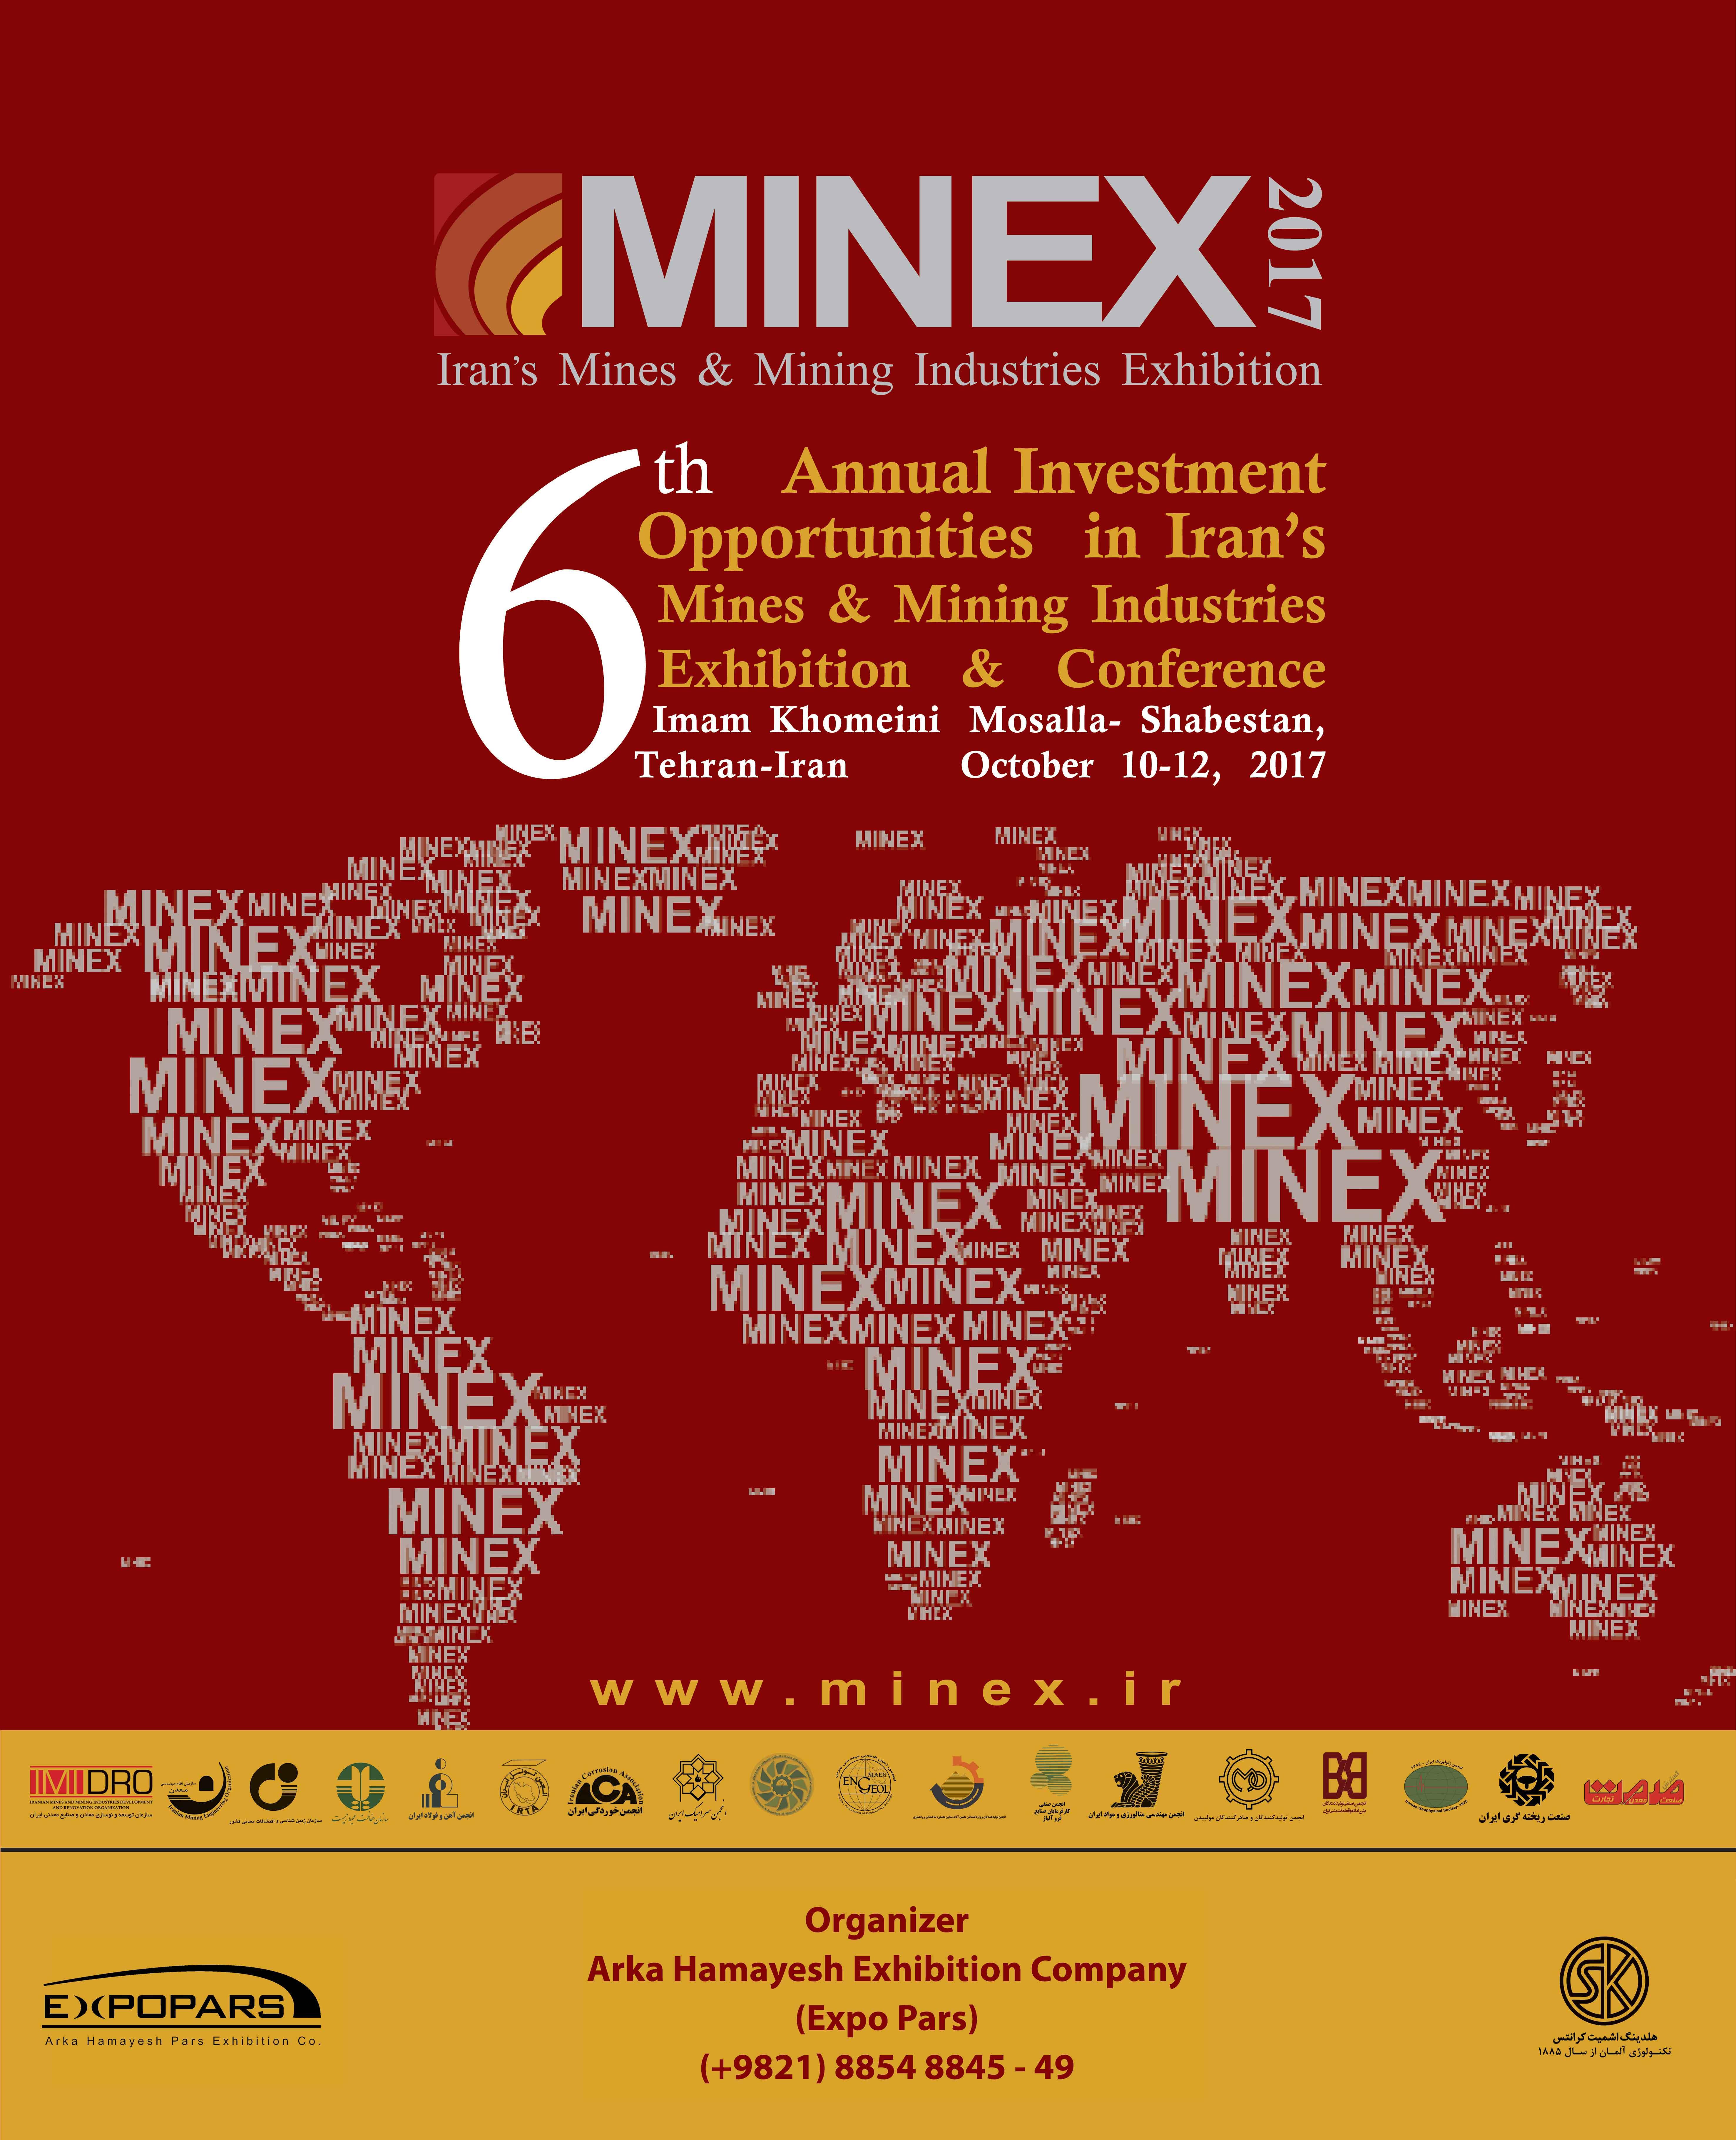 minex-2017-iran